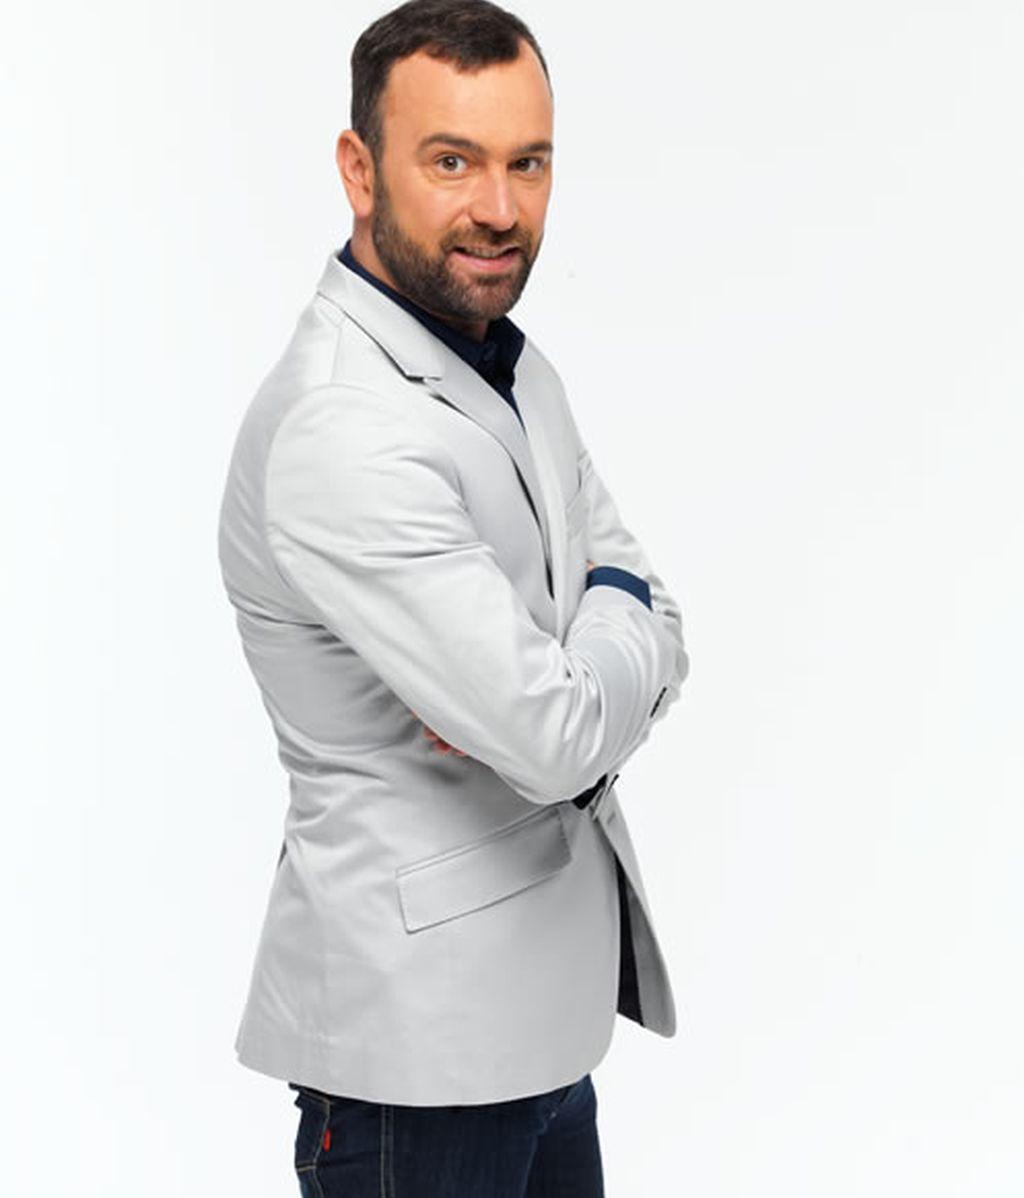 Guille García Hoz